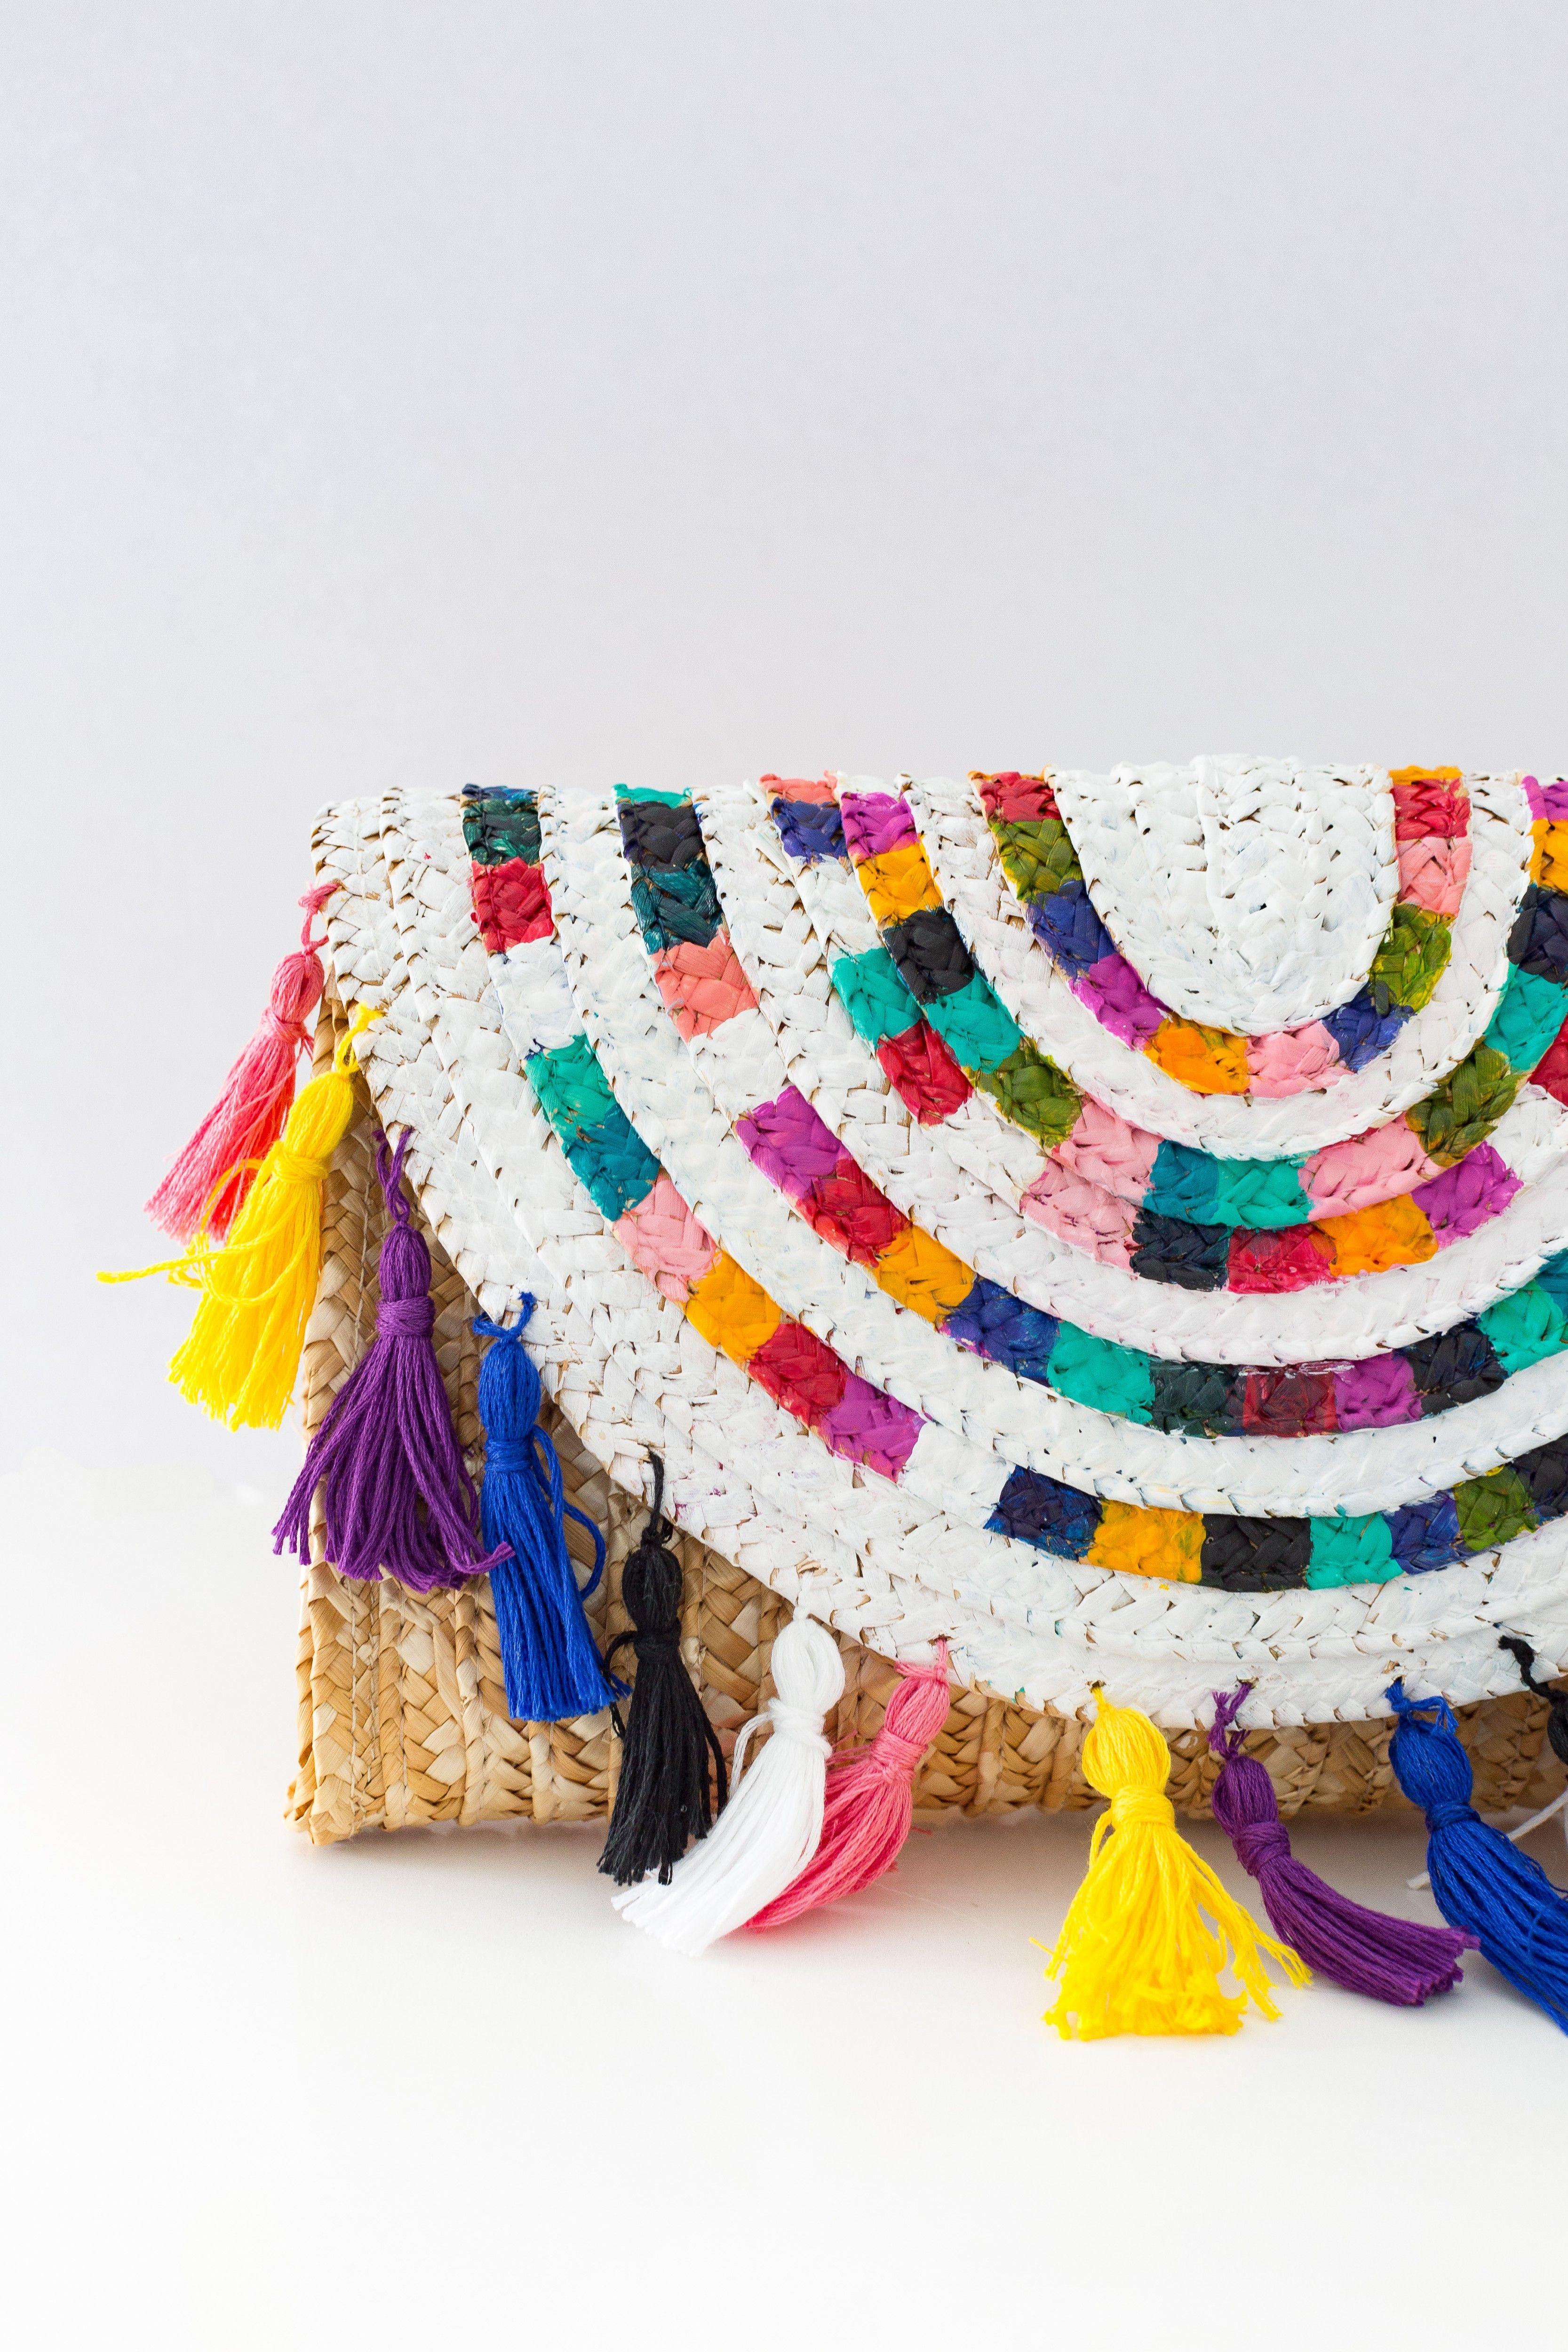 f4c54609a9 Colorful Clutch Bag with Tassels – DIY | Crafting | Pinterest | Diy ...